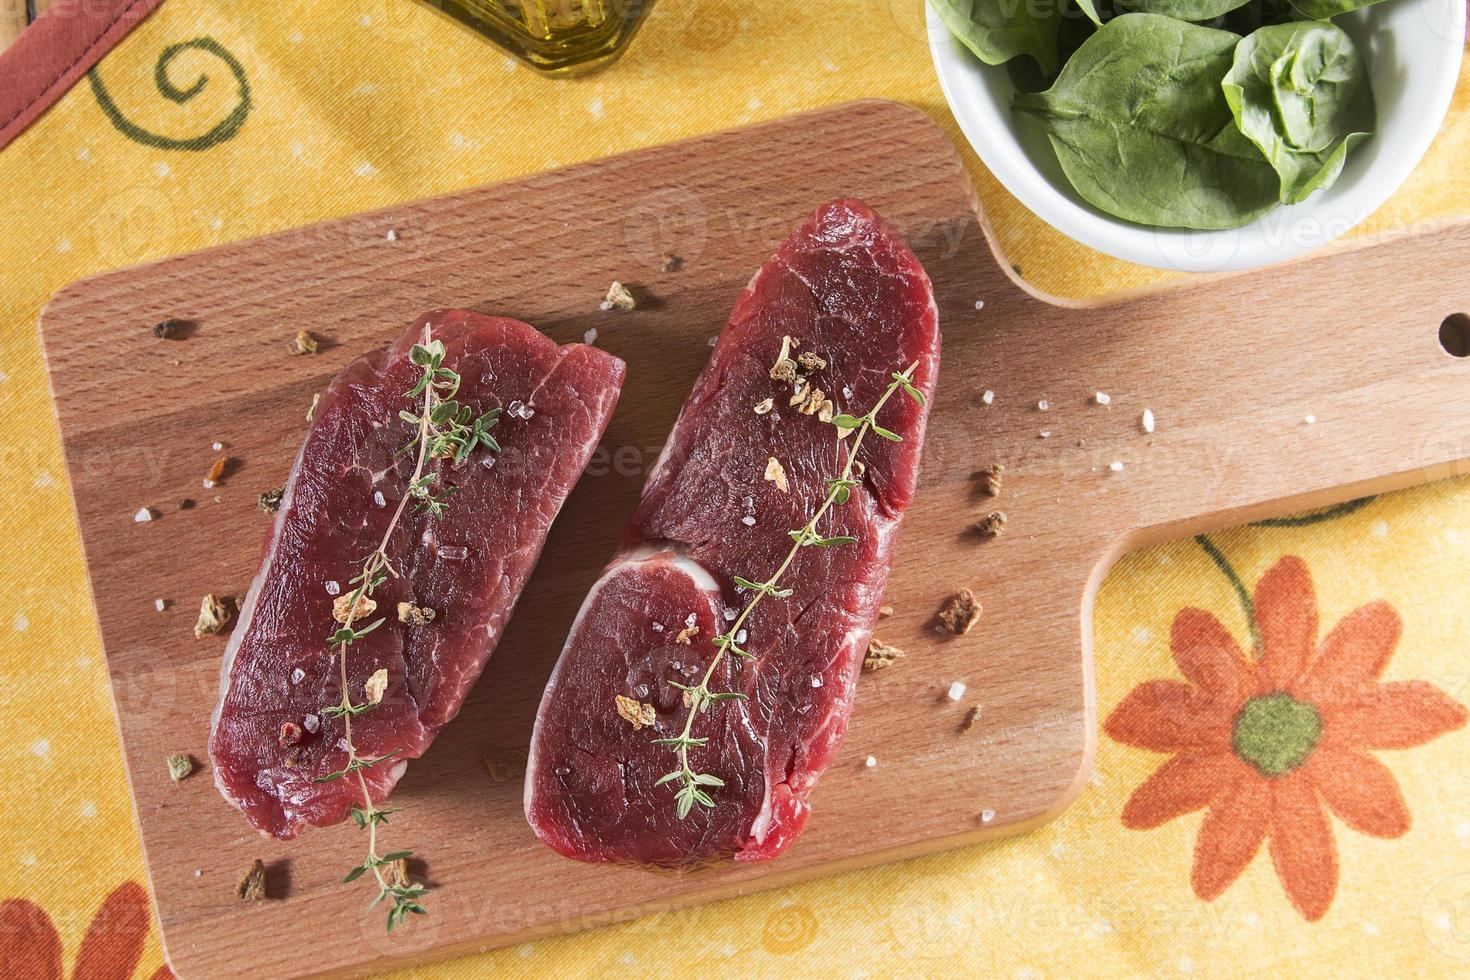 lombo de carne crua com especiarias sobre uma mesa de madeira foto